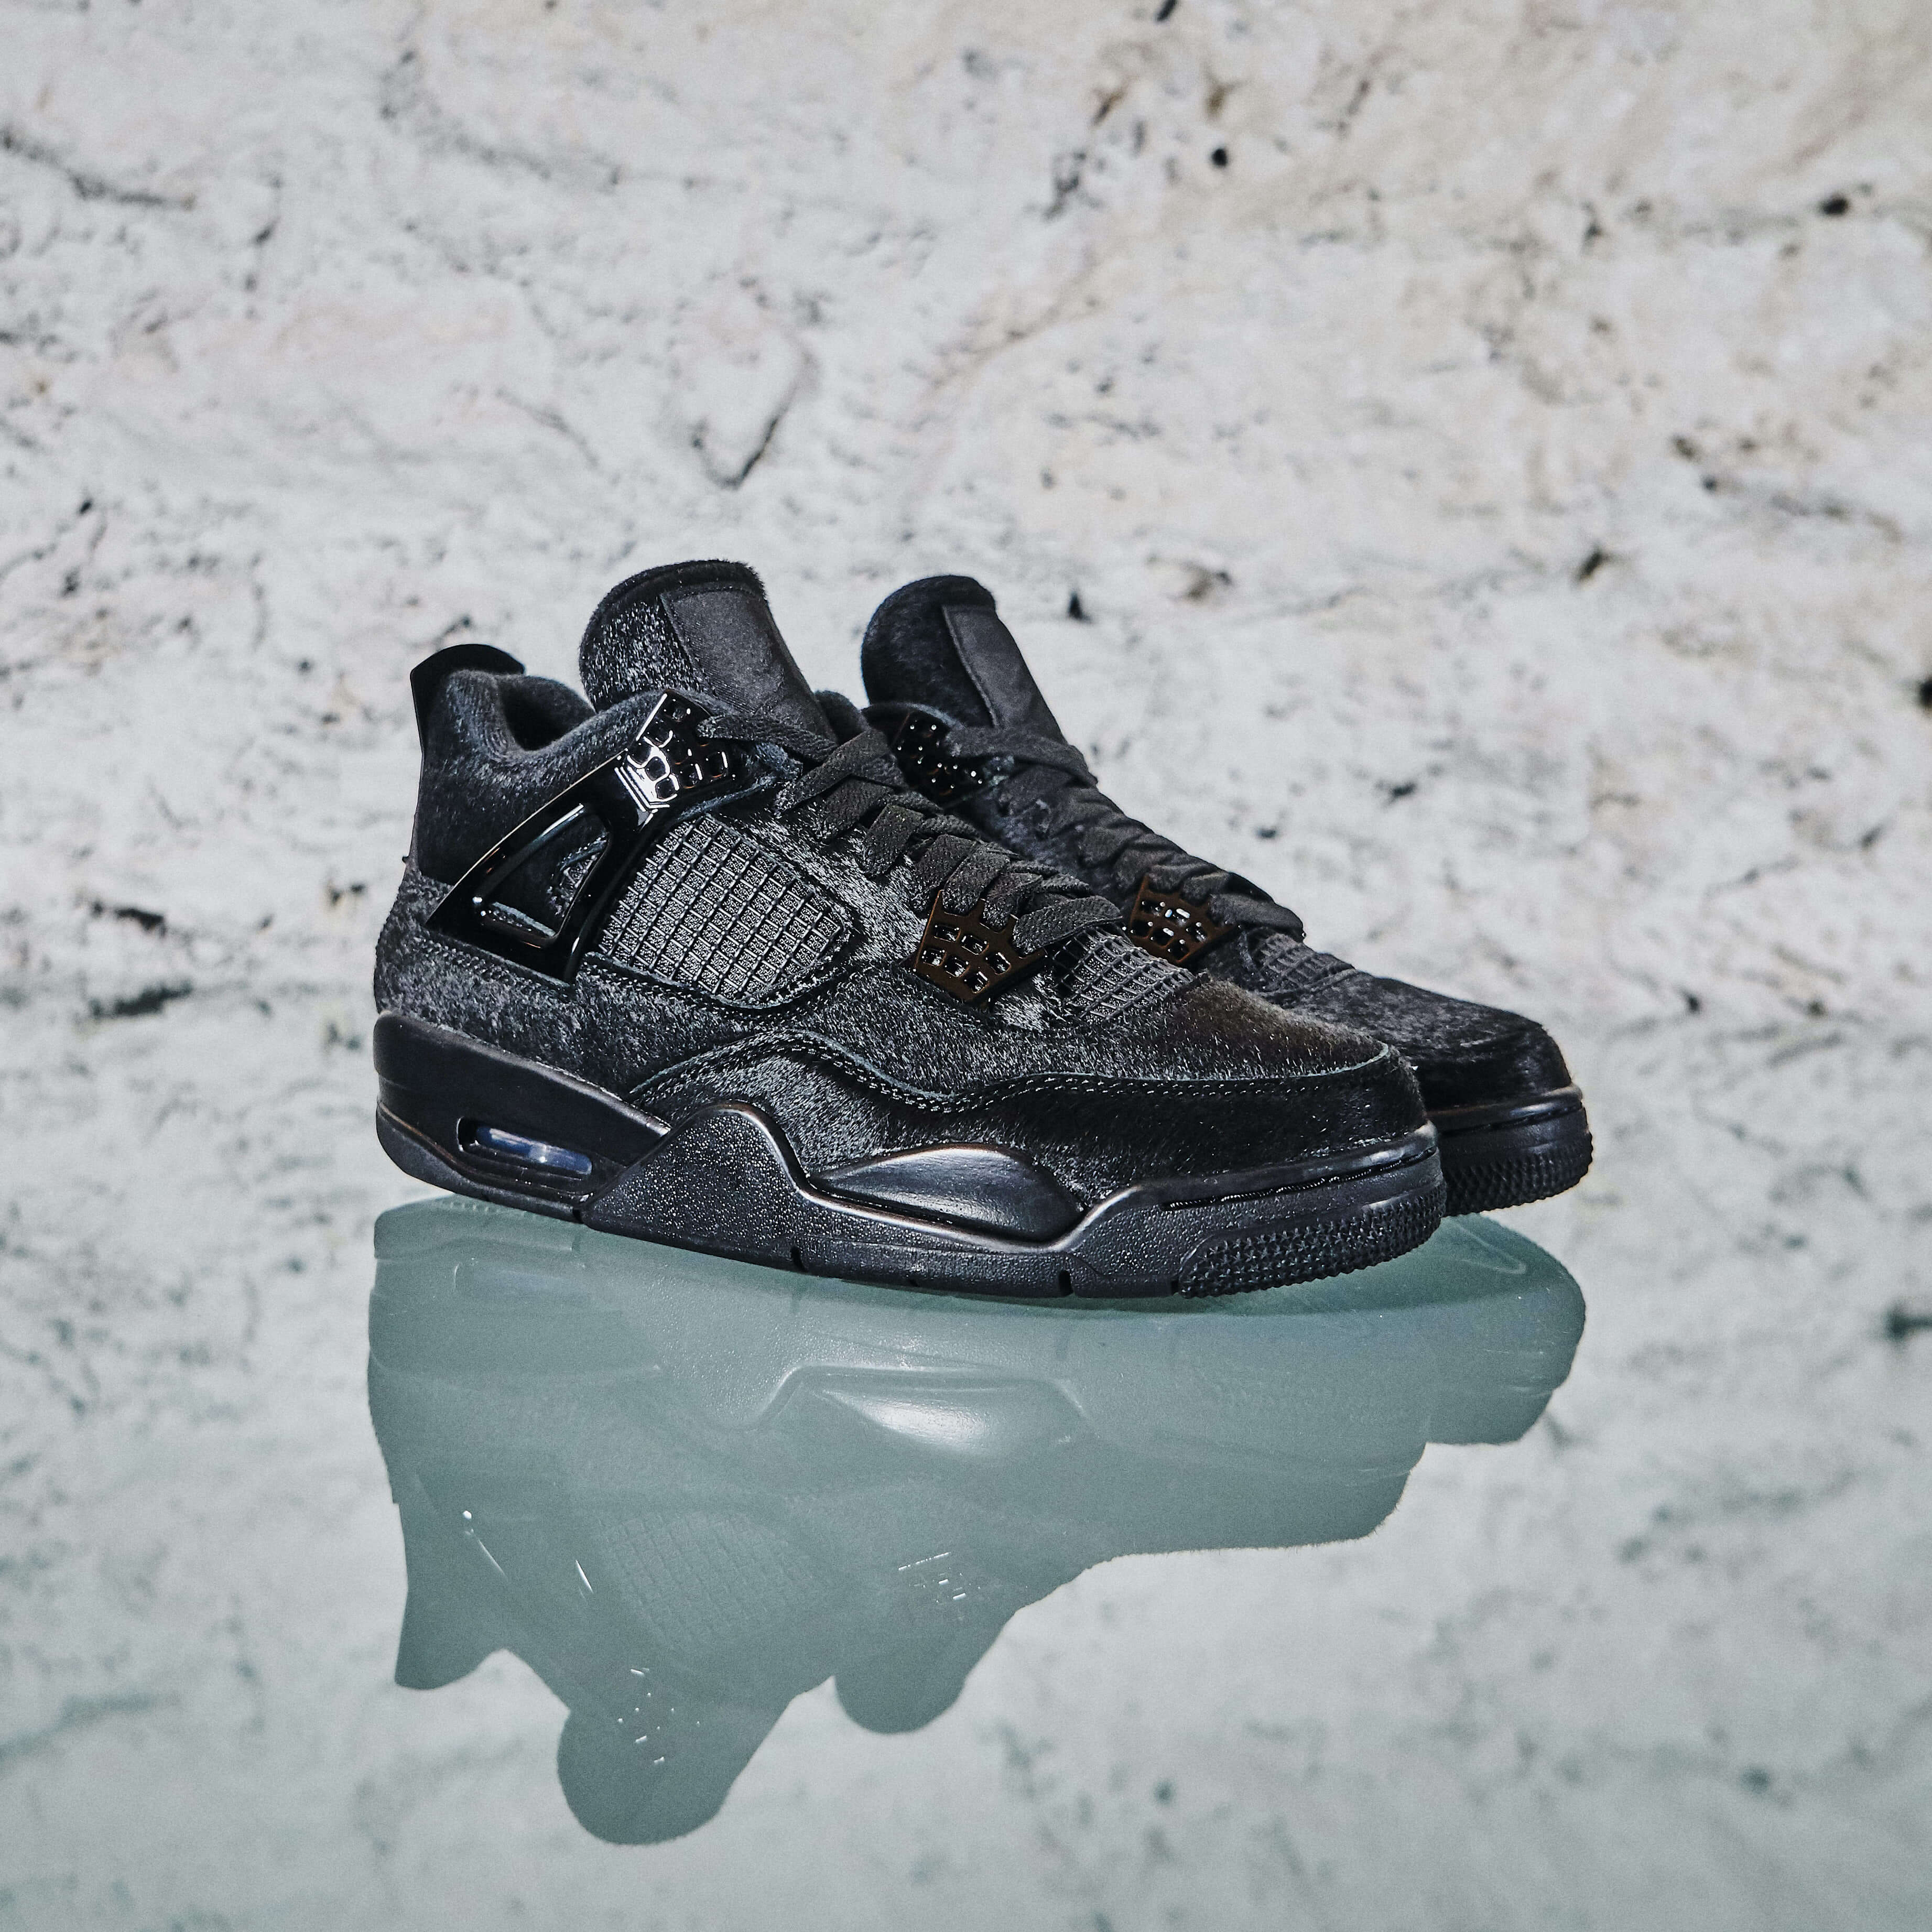 Air Jordan 4 Retro x Olivia Kim